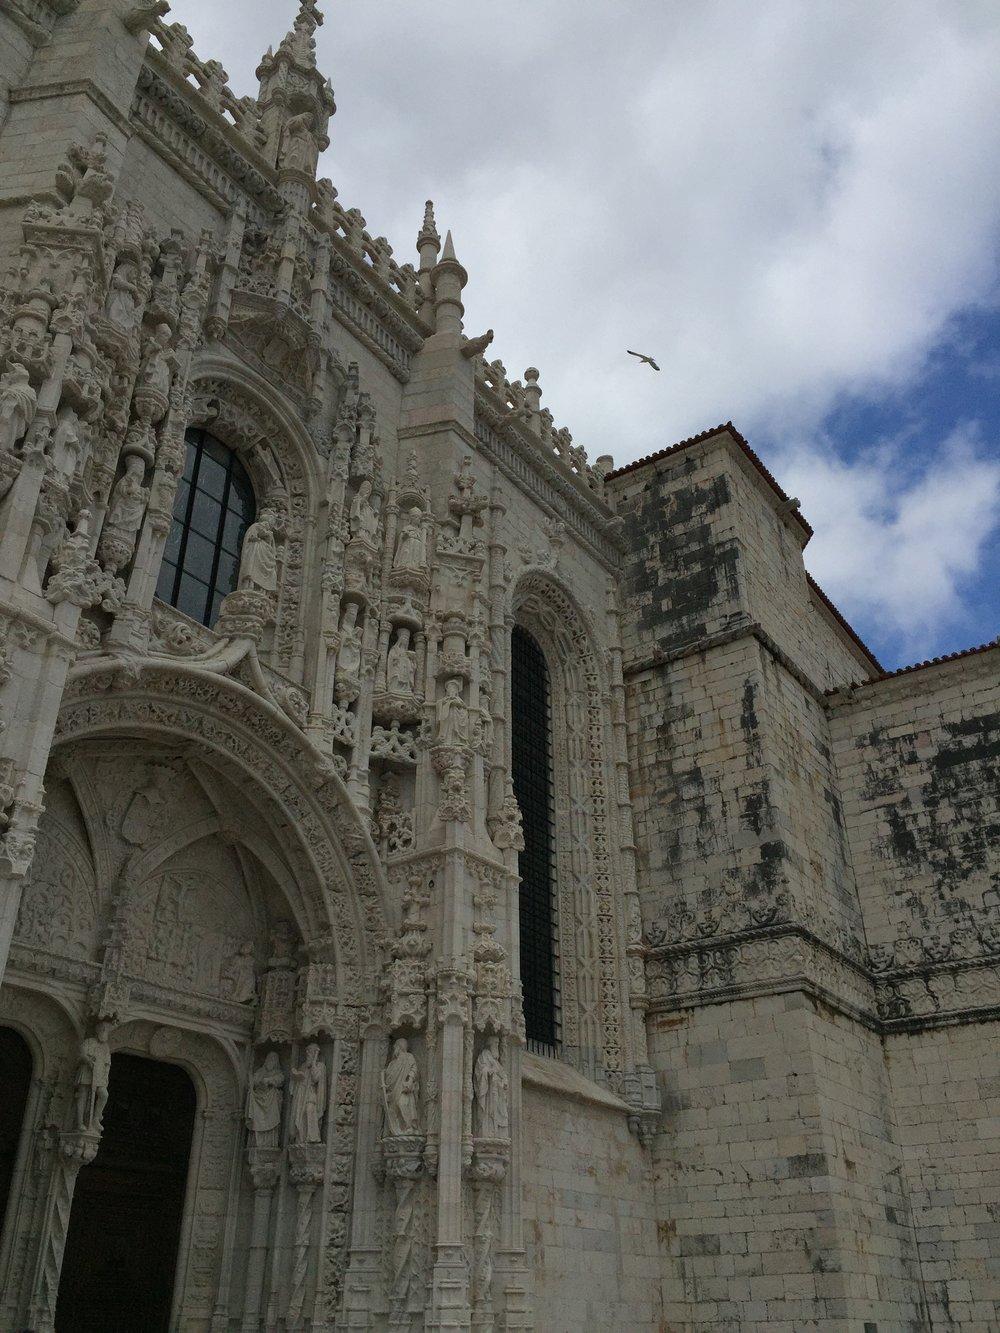 O lindissimo Mosteiro dos Jerônimos, uma pérola do estilo Manuelino, tem em sua arquitetura símbolos das navegações,como:cordas, esferas armilares, rosa dos ventos e tantos outros ícones náuticos.